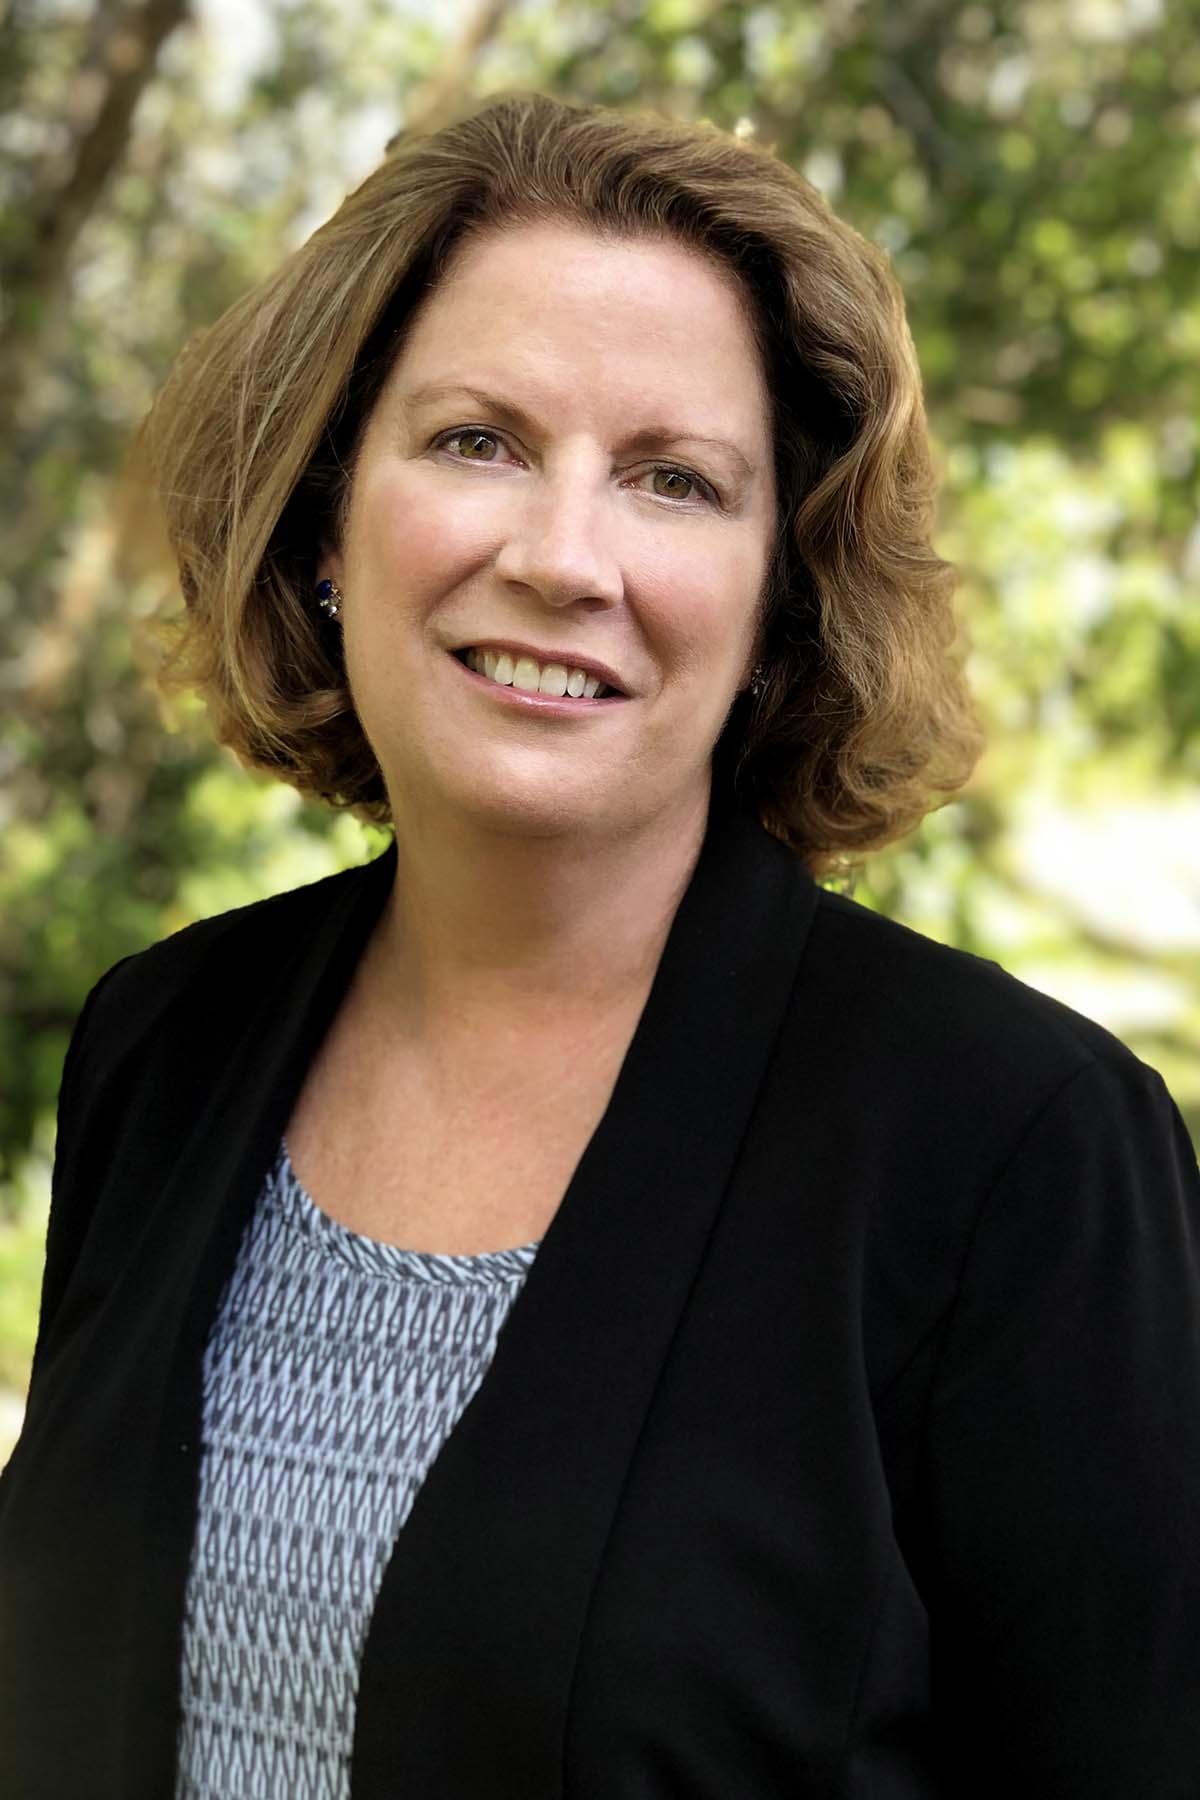 Diane Hardin